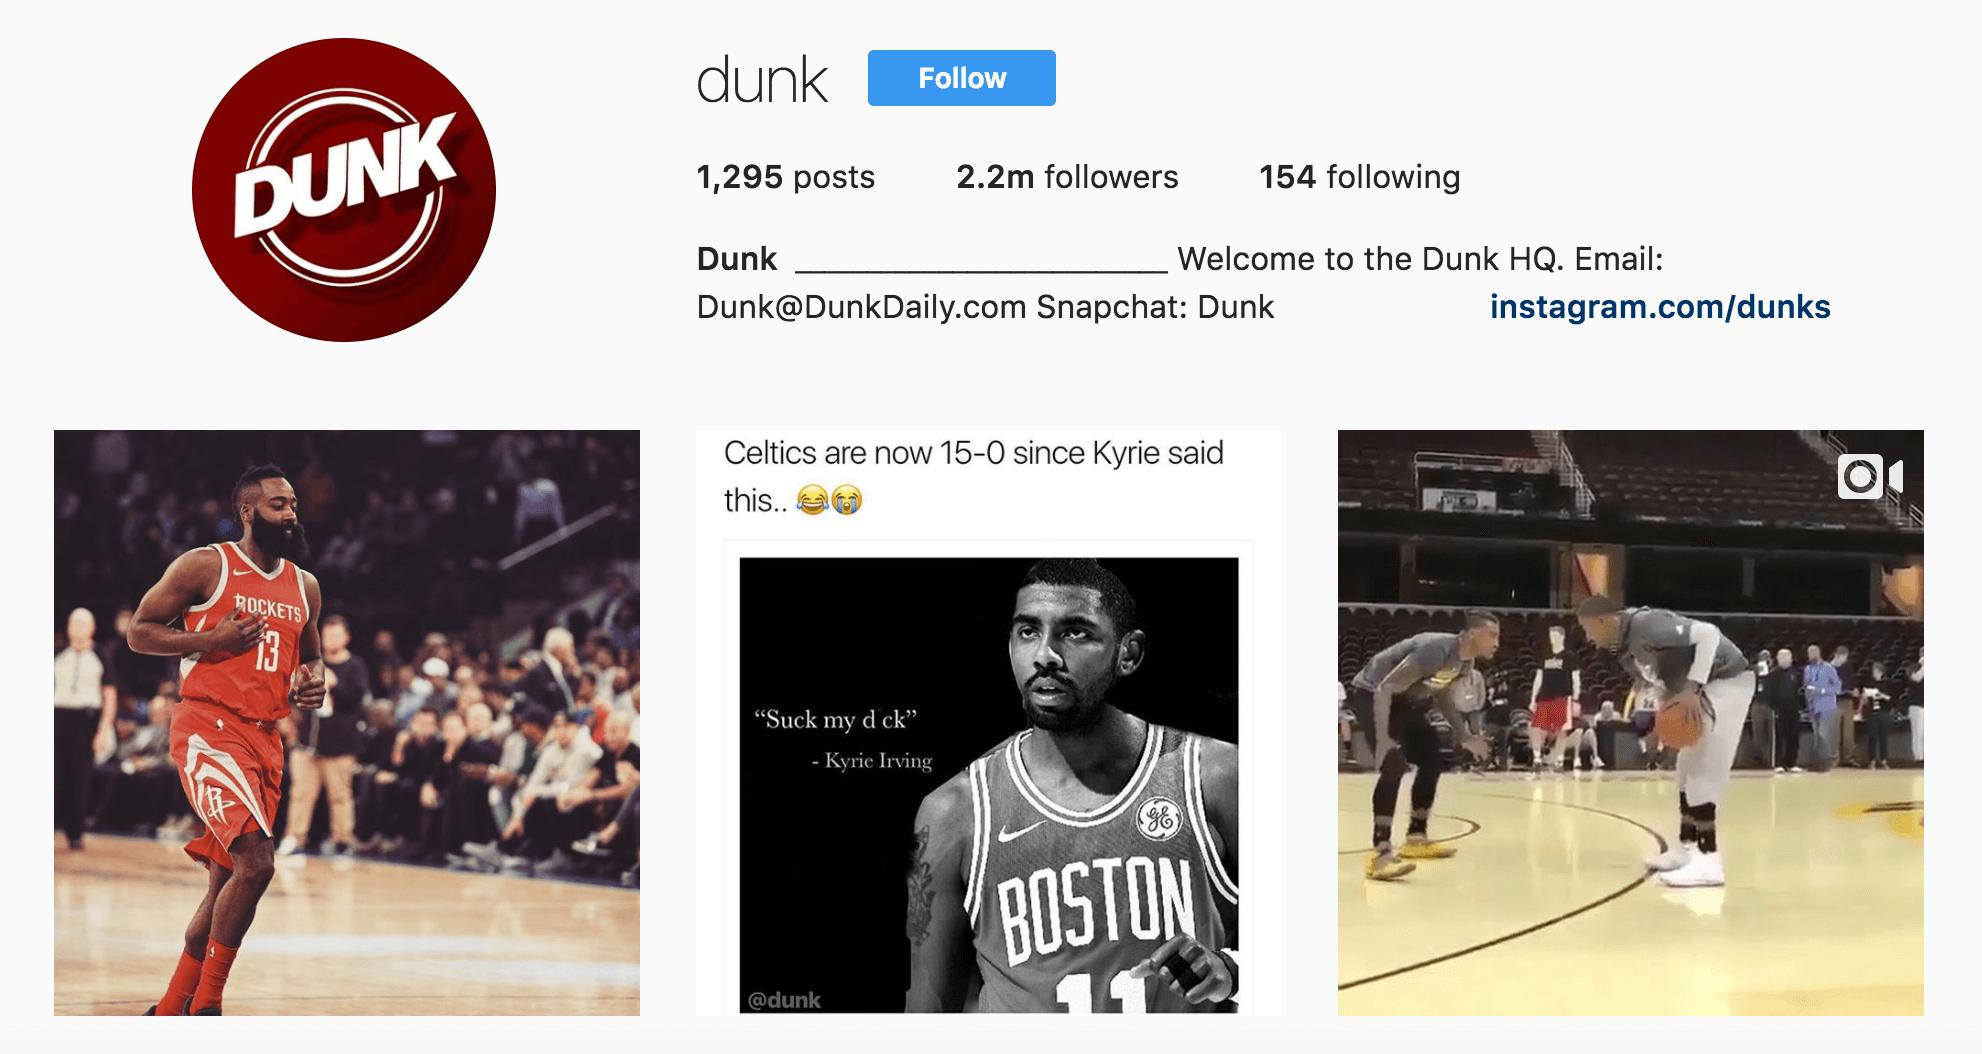 Screenshot showing dunk